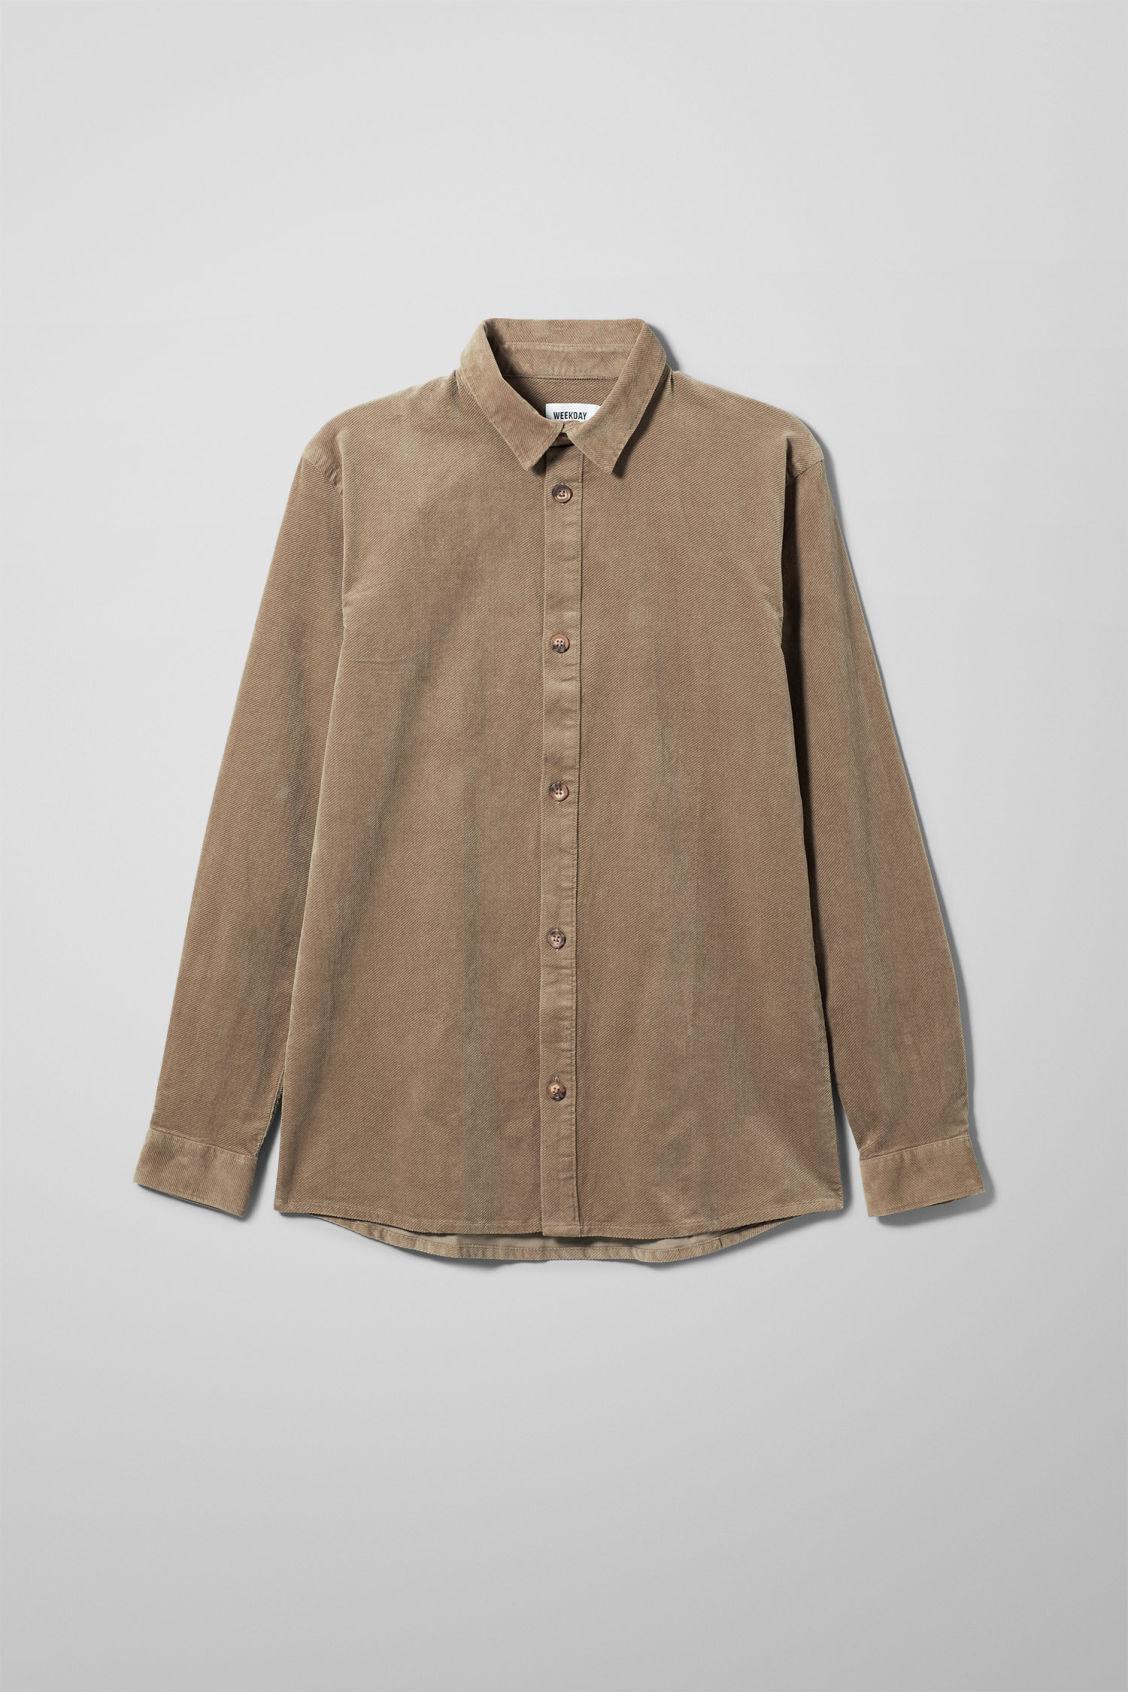 Spit Corduroy Shirt - Beige